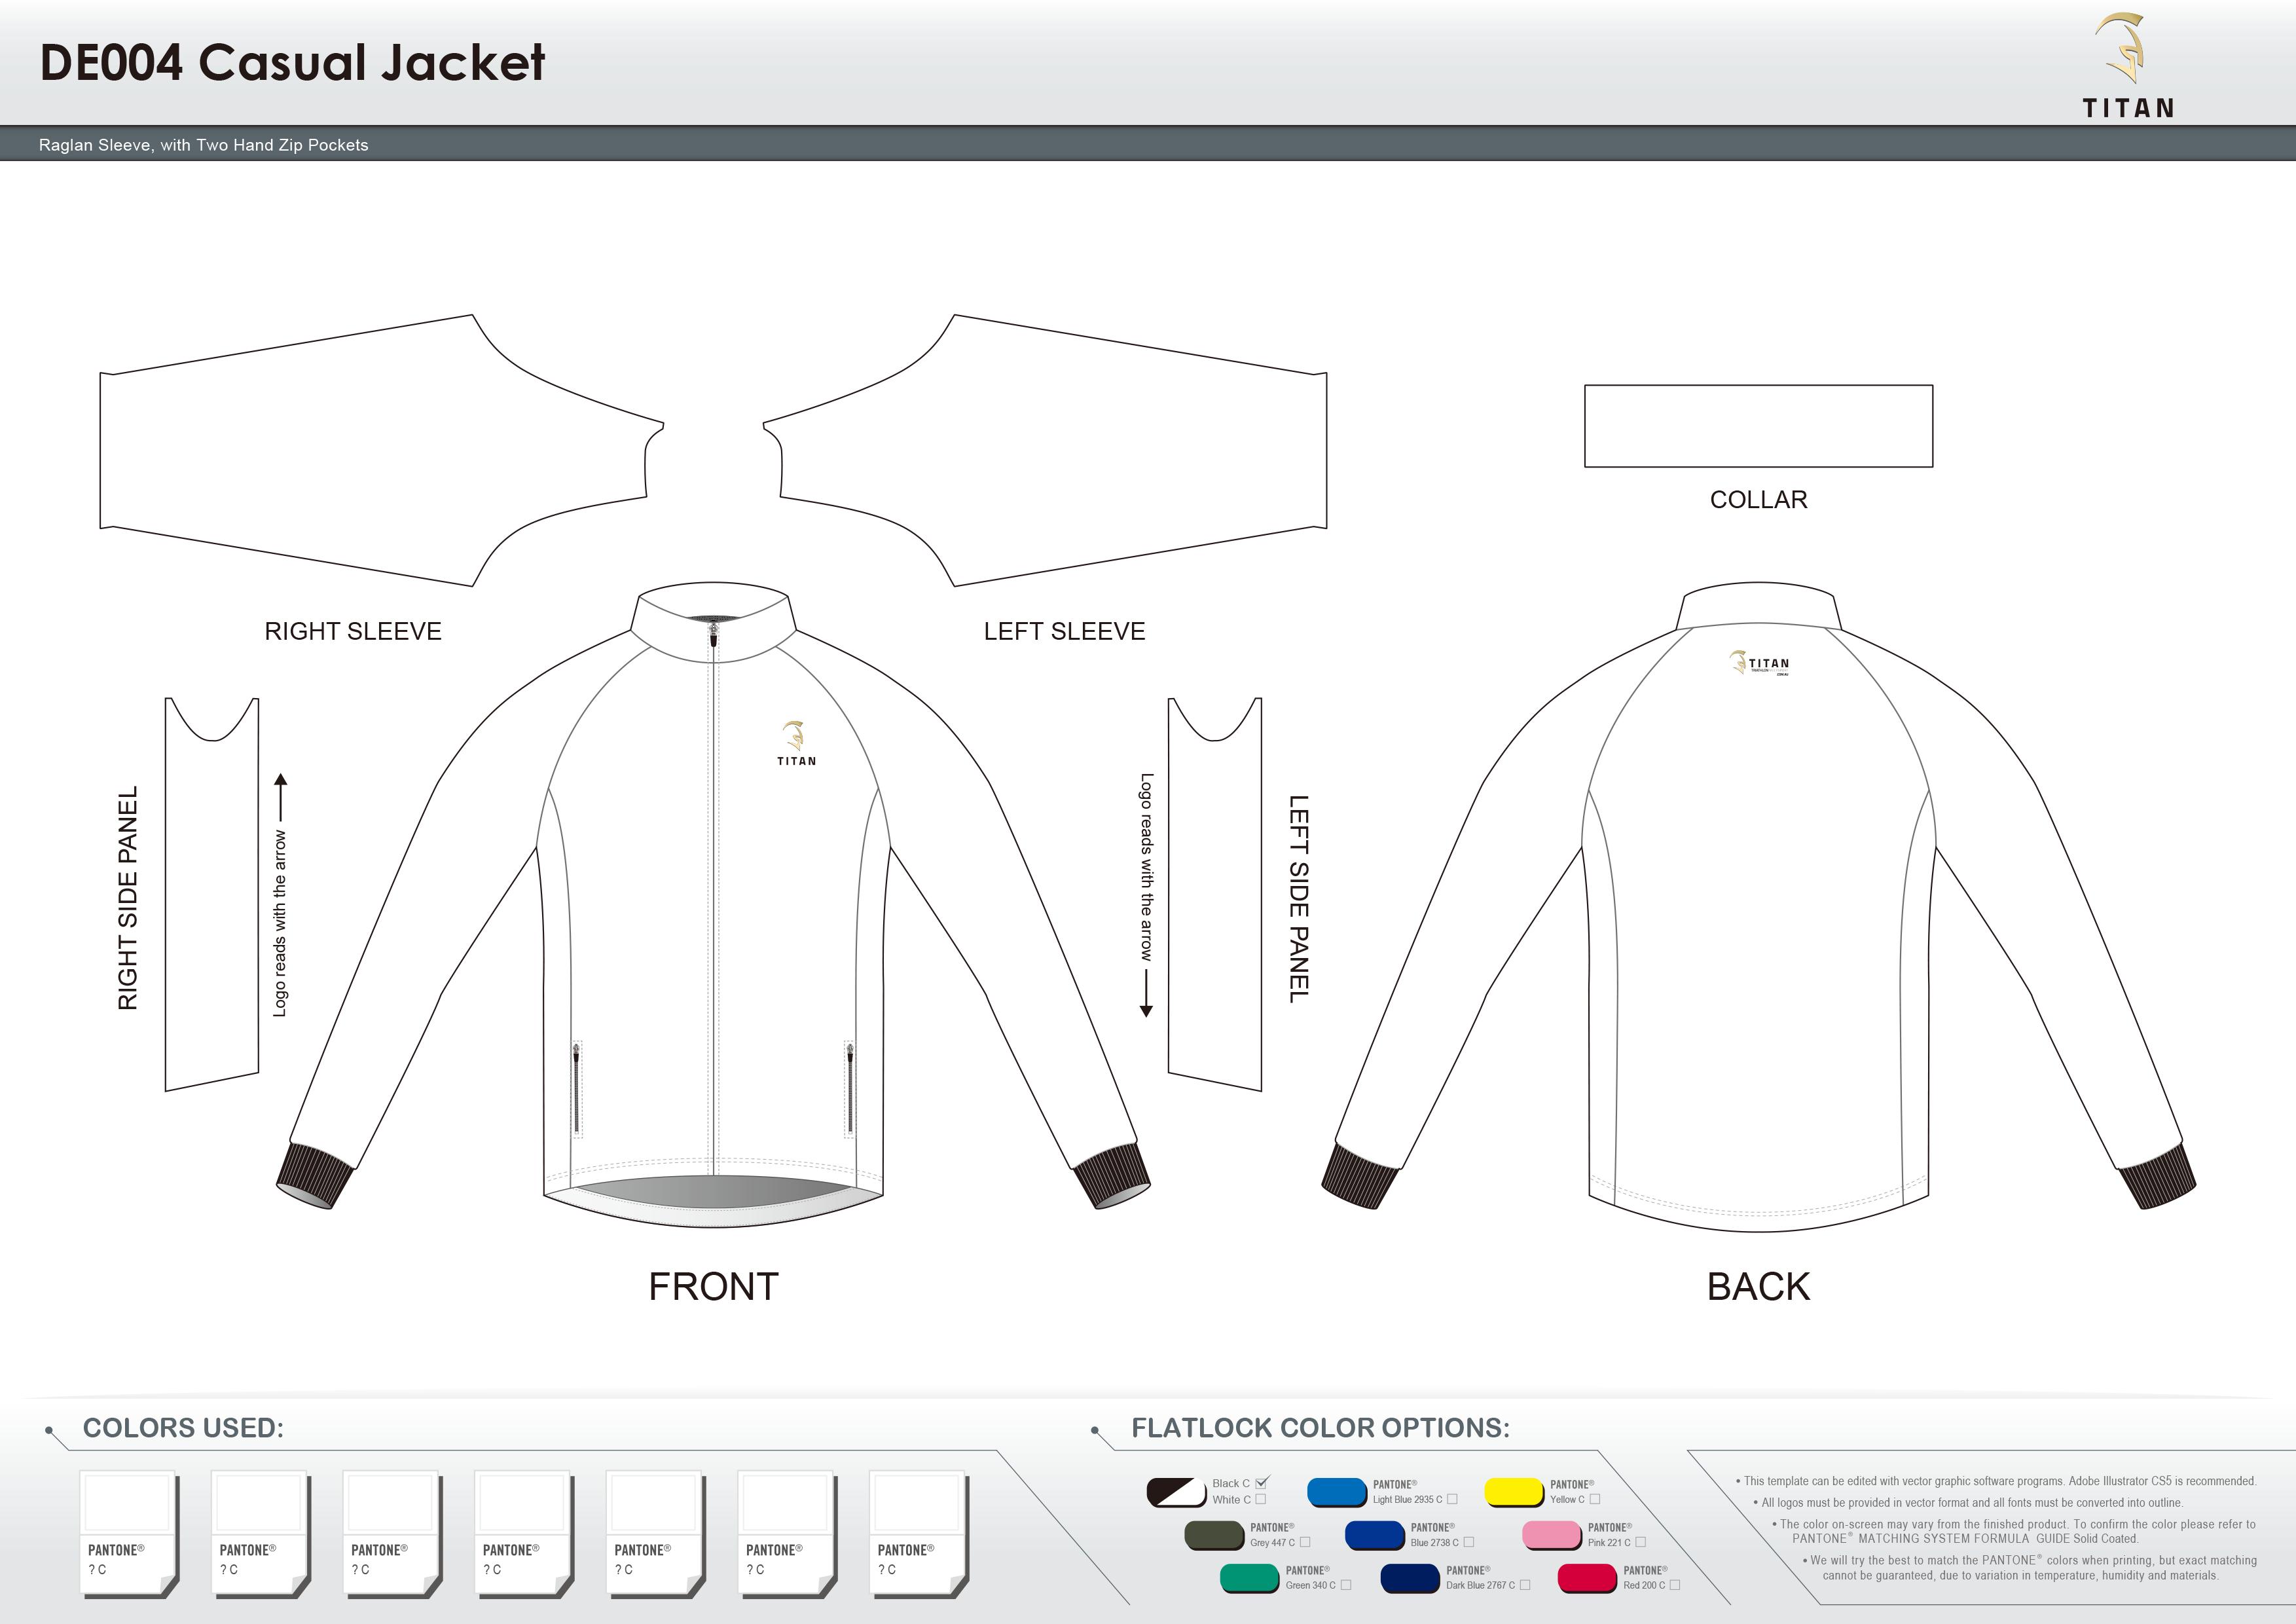 DE004 Casual Jacket